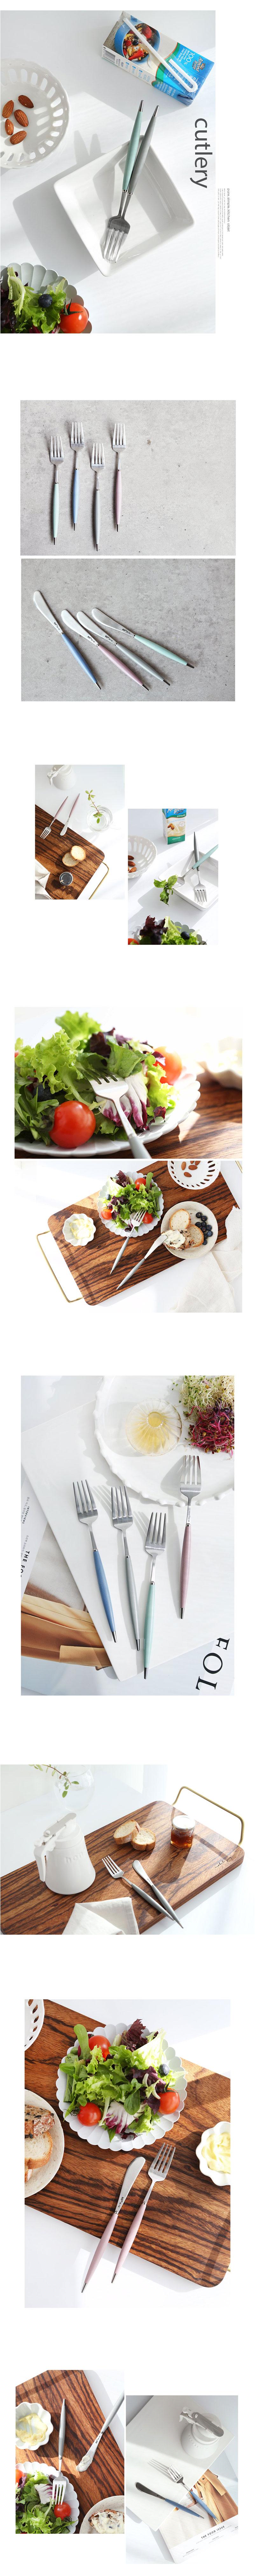 모던파스텔 버터나이프 샐러드포크(4color) lovesweety - 꾸미기 좋은날, 7,700원, 숟가락/젓가락/스틱, 숟가락/젓가락 세트